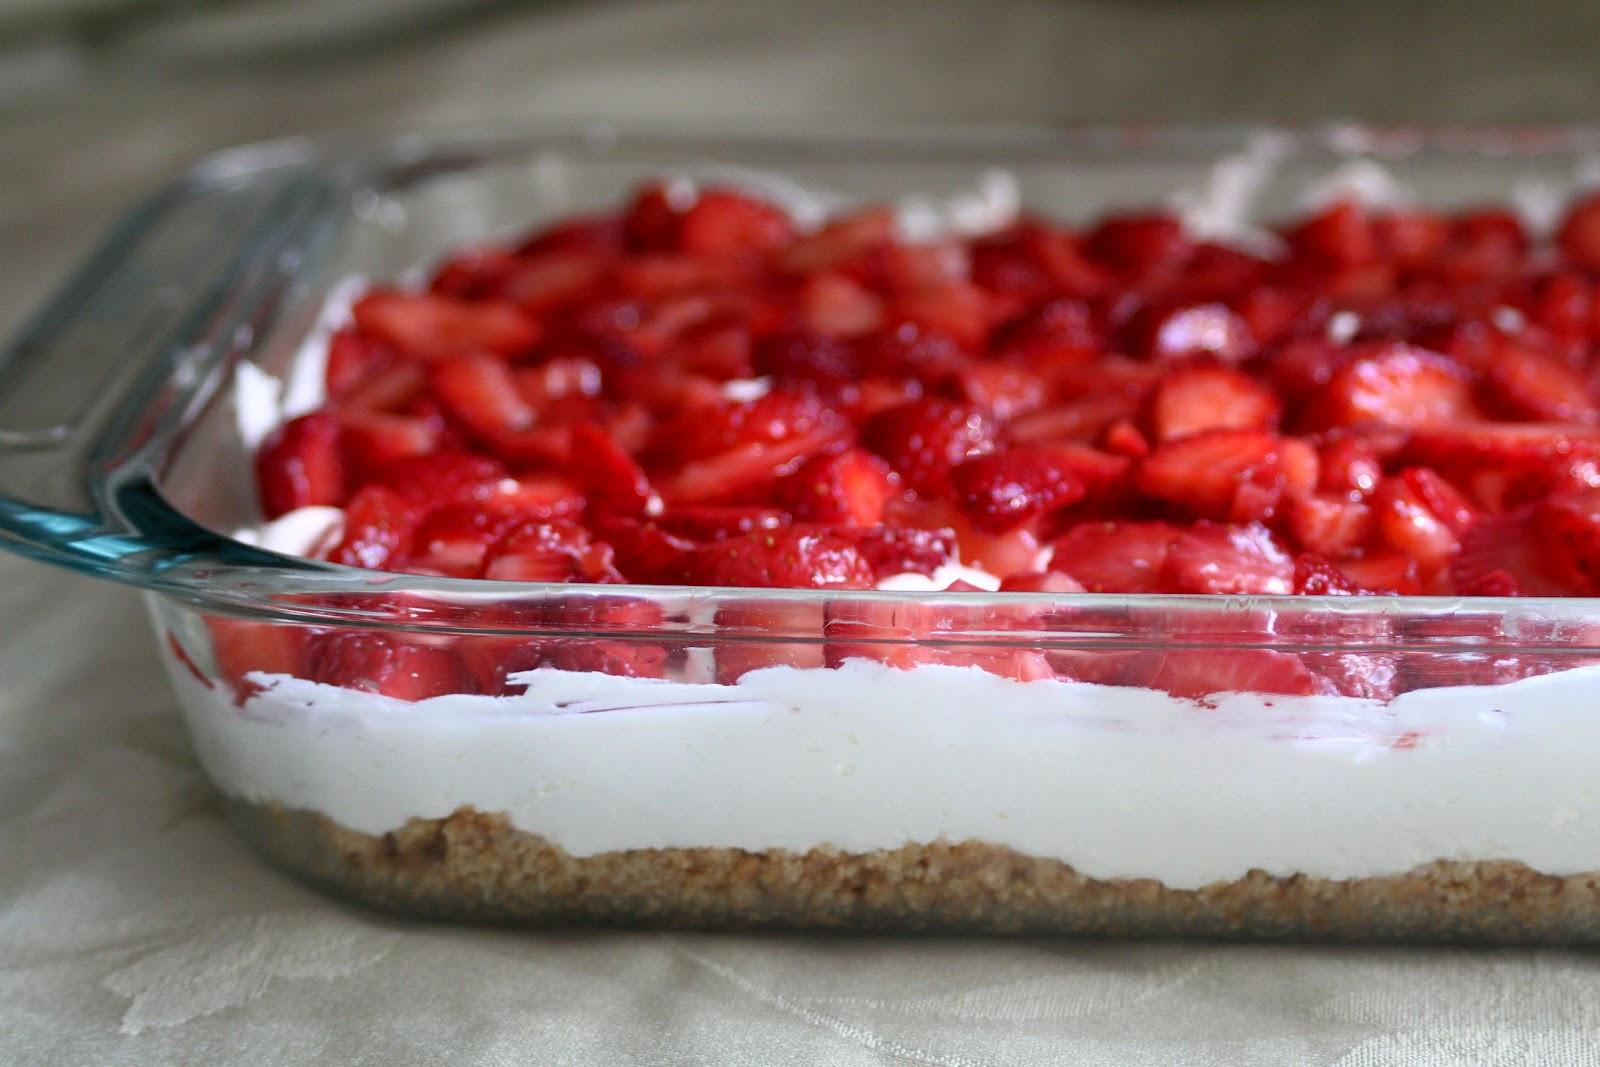 Strawberry Graham Cracker Dessert  Baker Homemaker Sensational Strawberry Cream Dessert